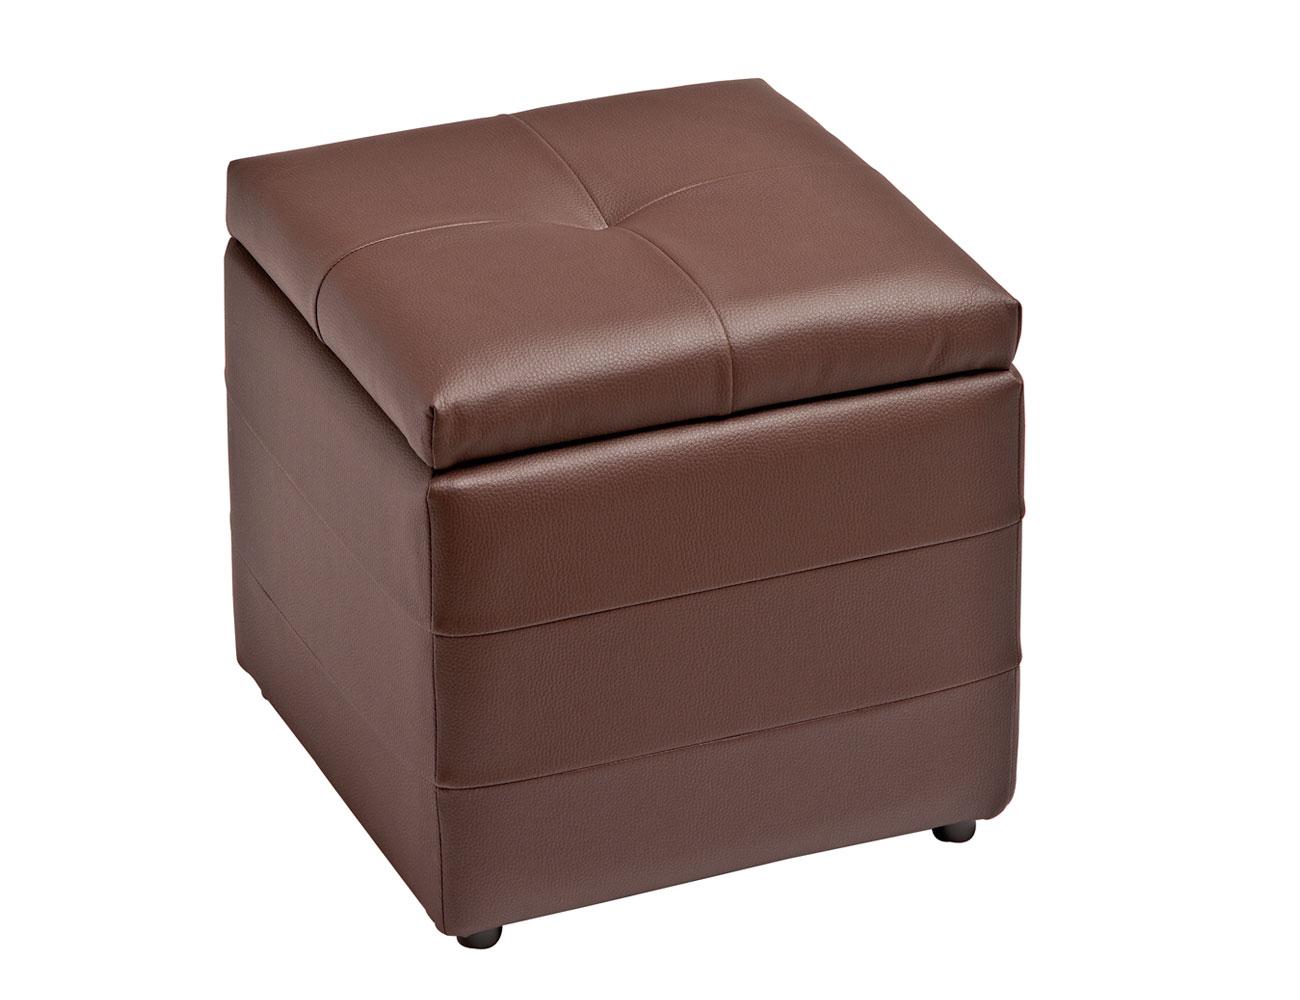 85 cuadrado capitone chocolate